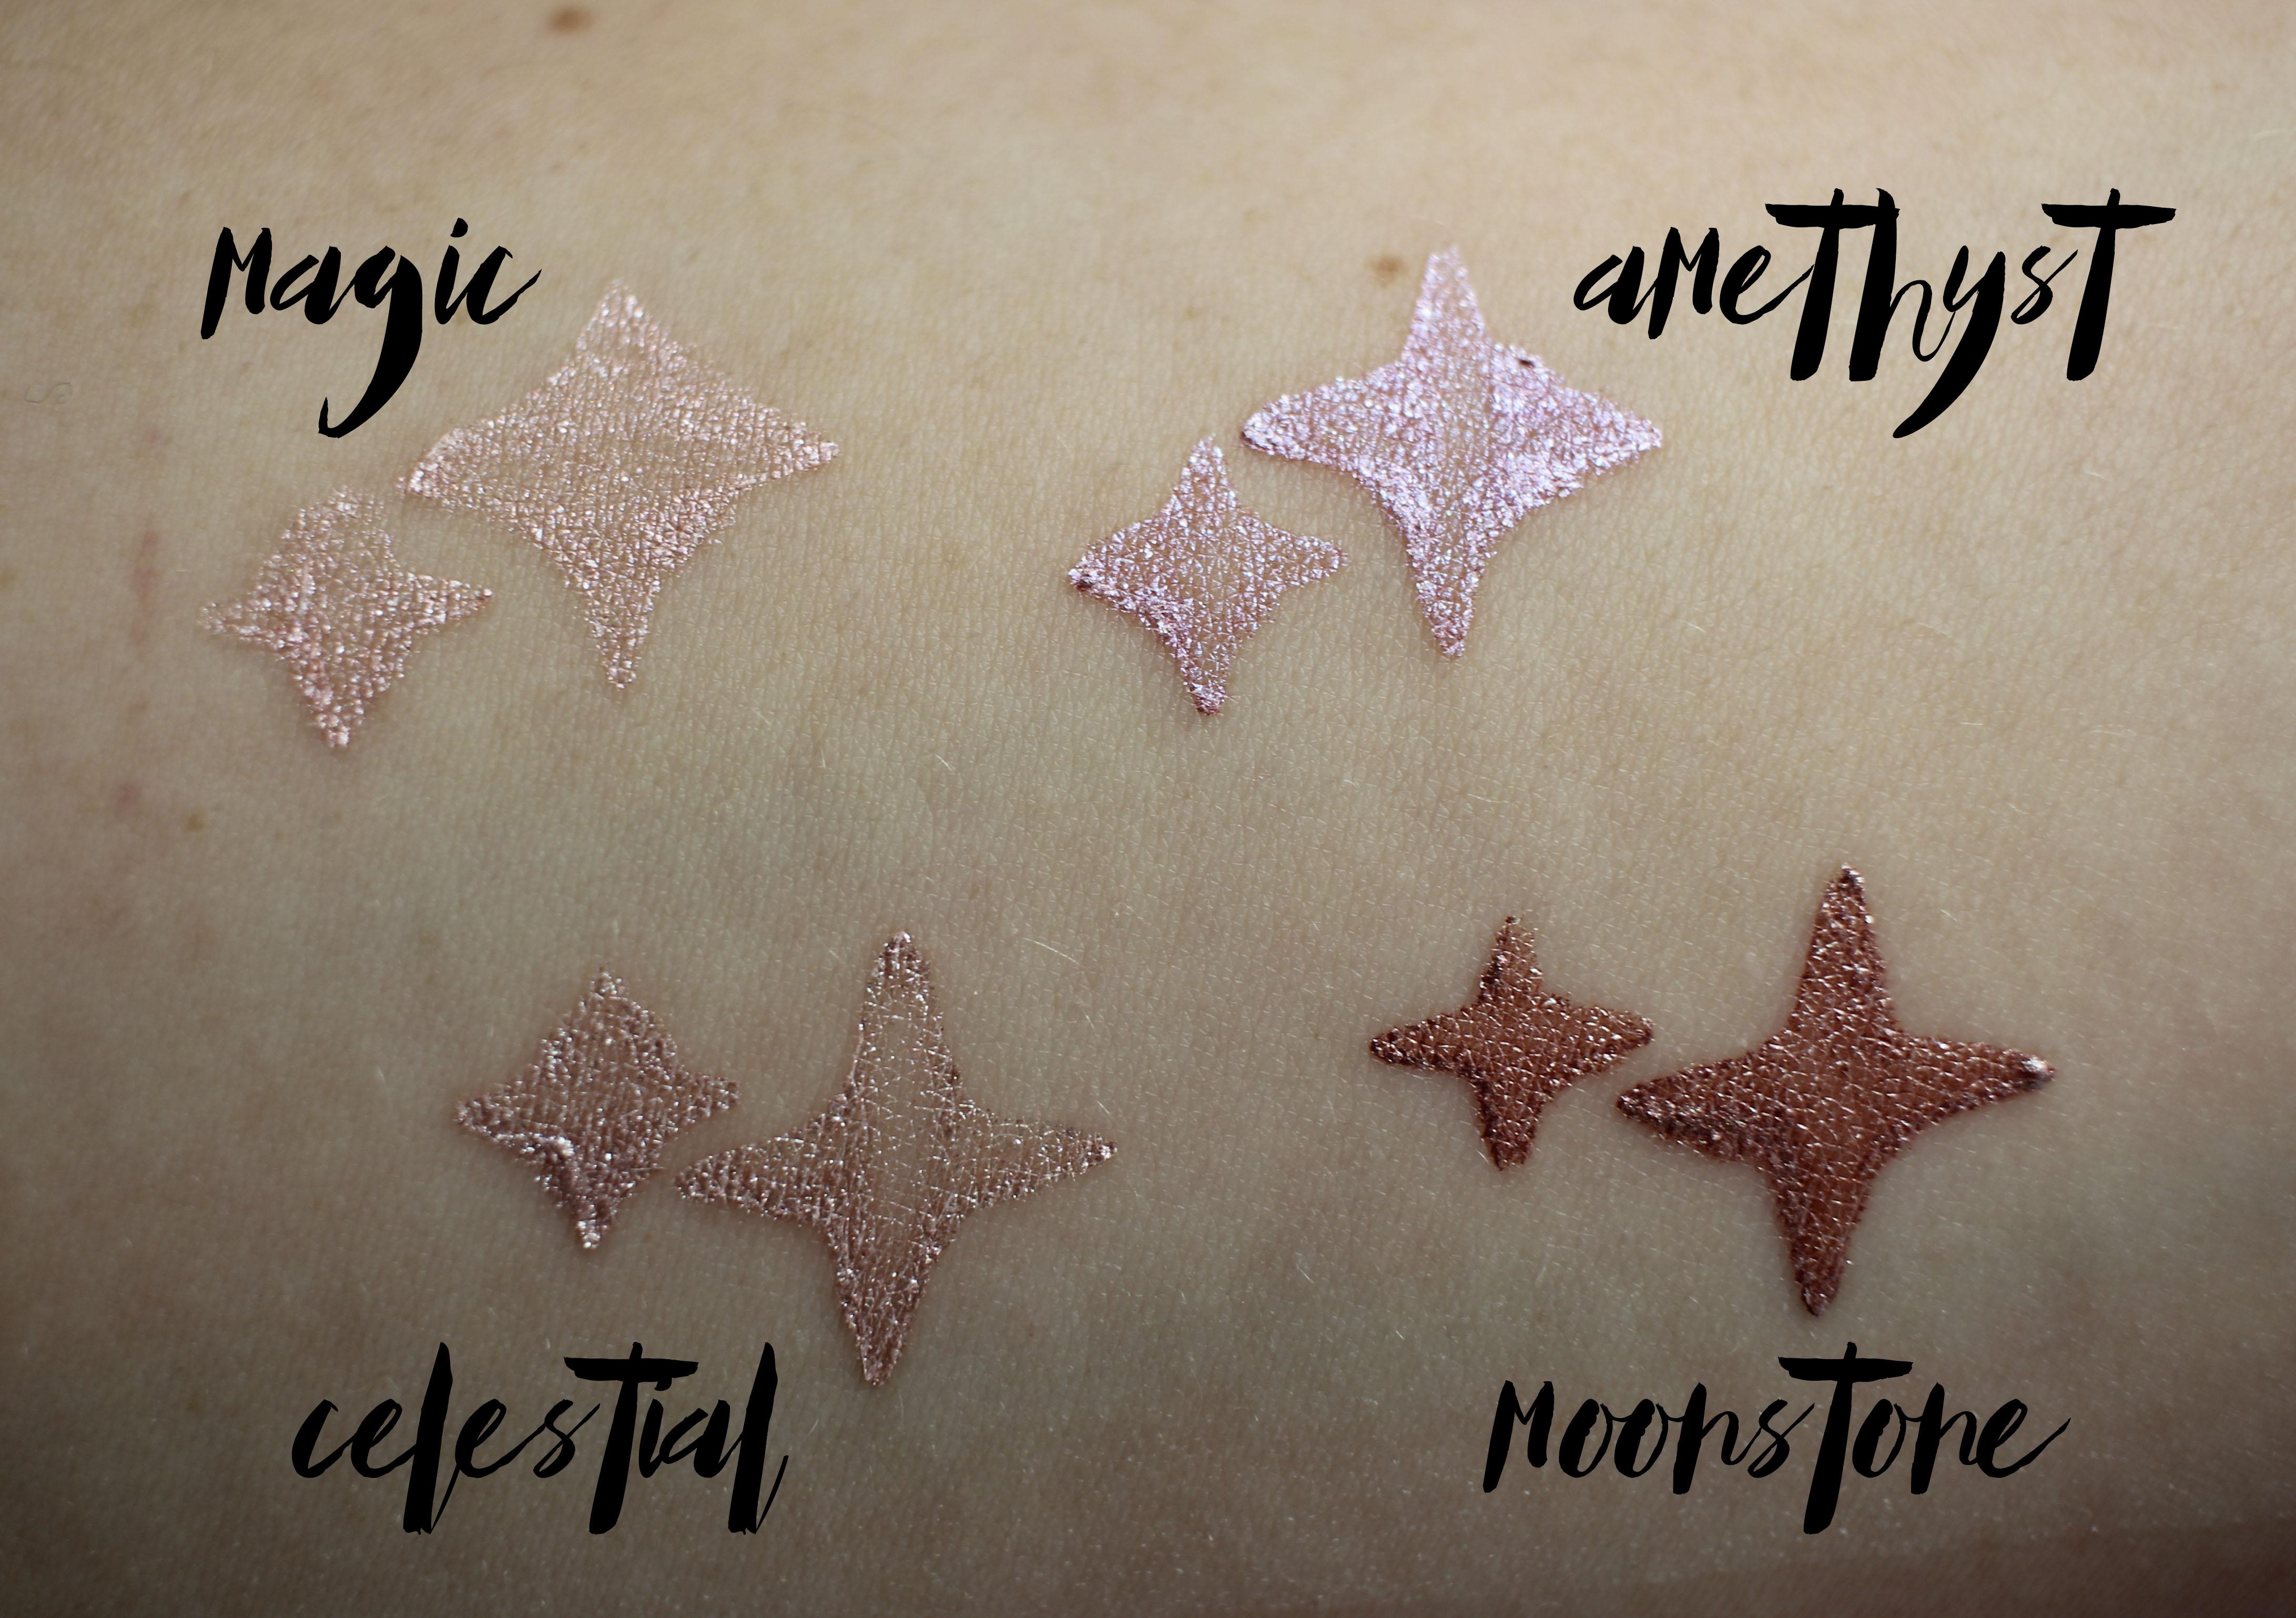 Cover FX Shimmer Veil- Celestial, Magic, Amethyst, Moonstone